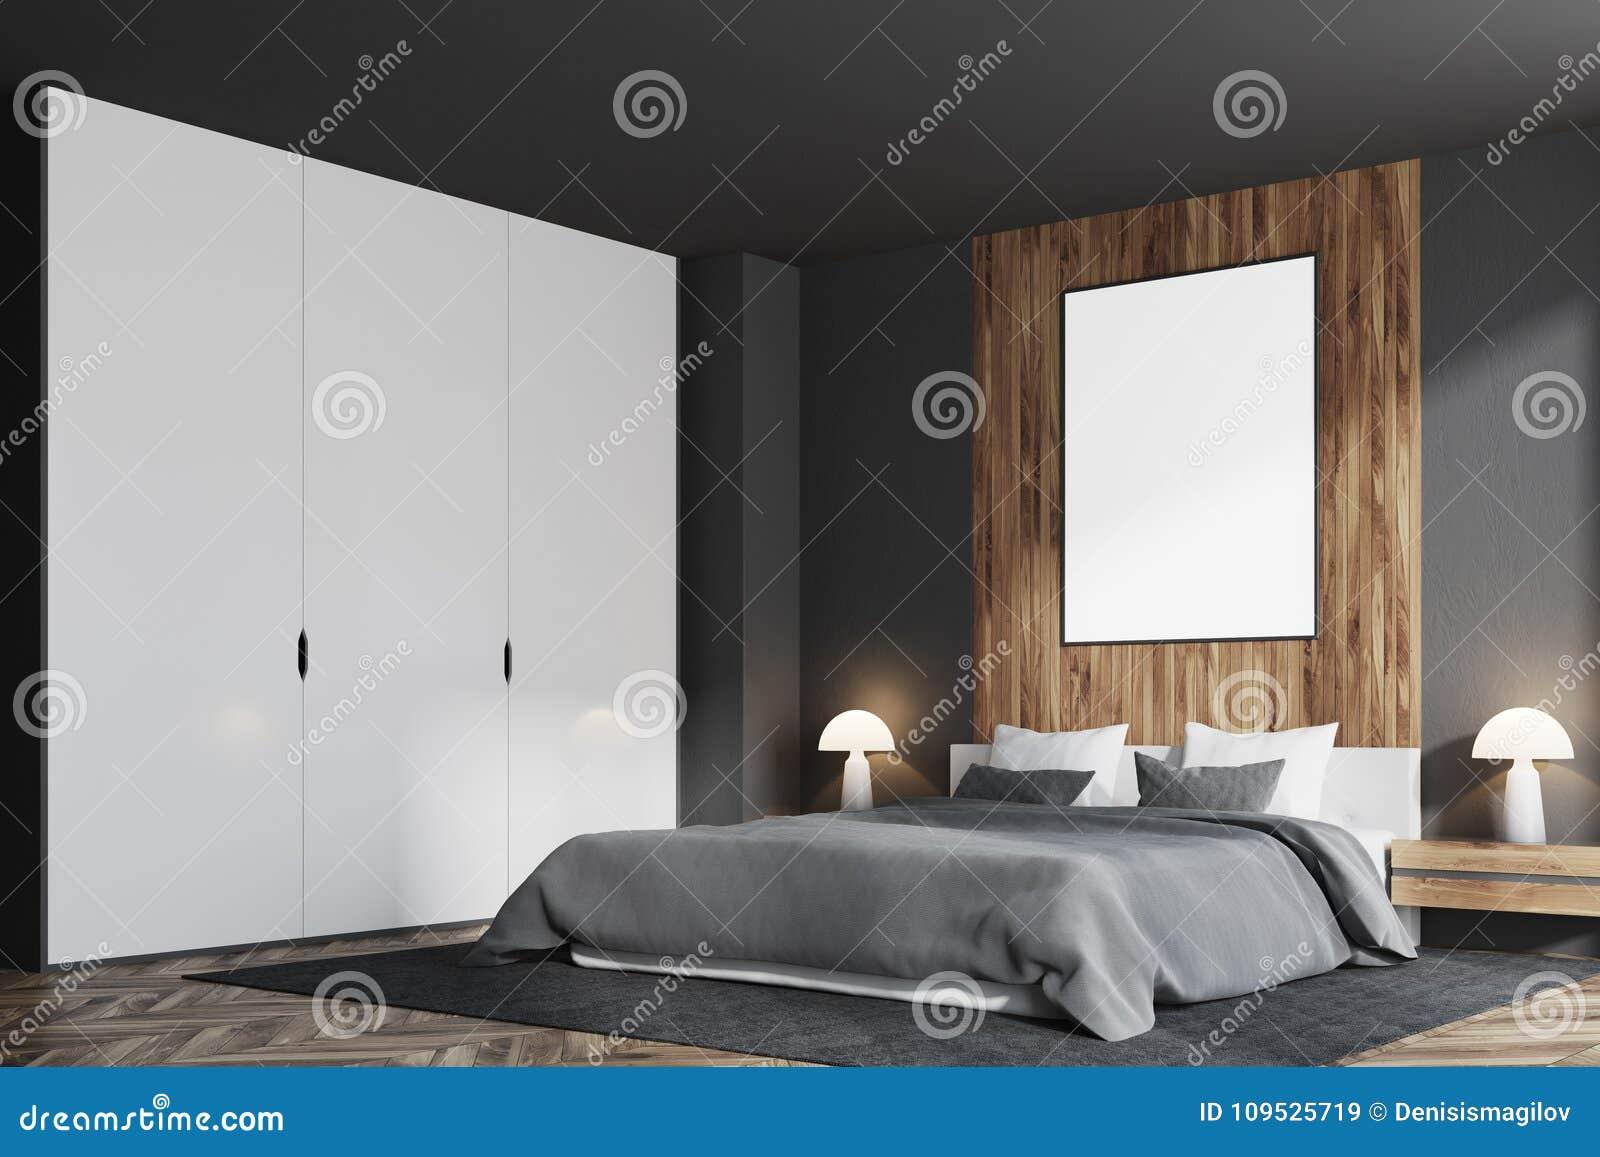 Camera Da Letto Grigia camera da letto grigia e di legno, lato verticale del